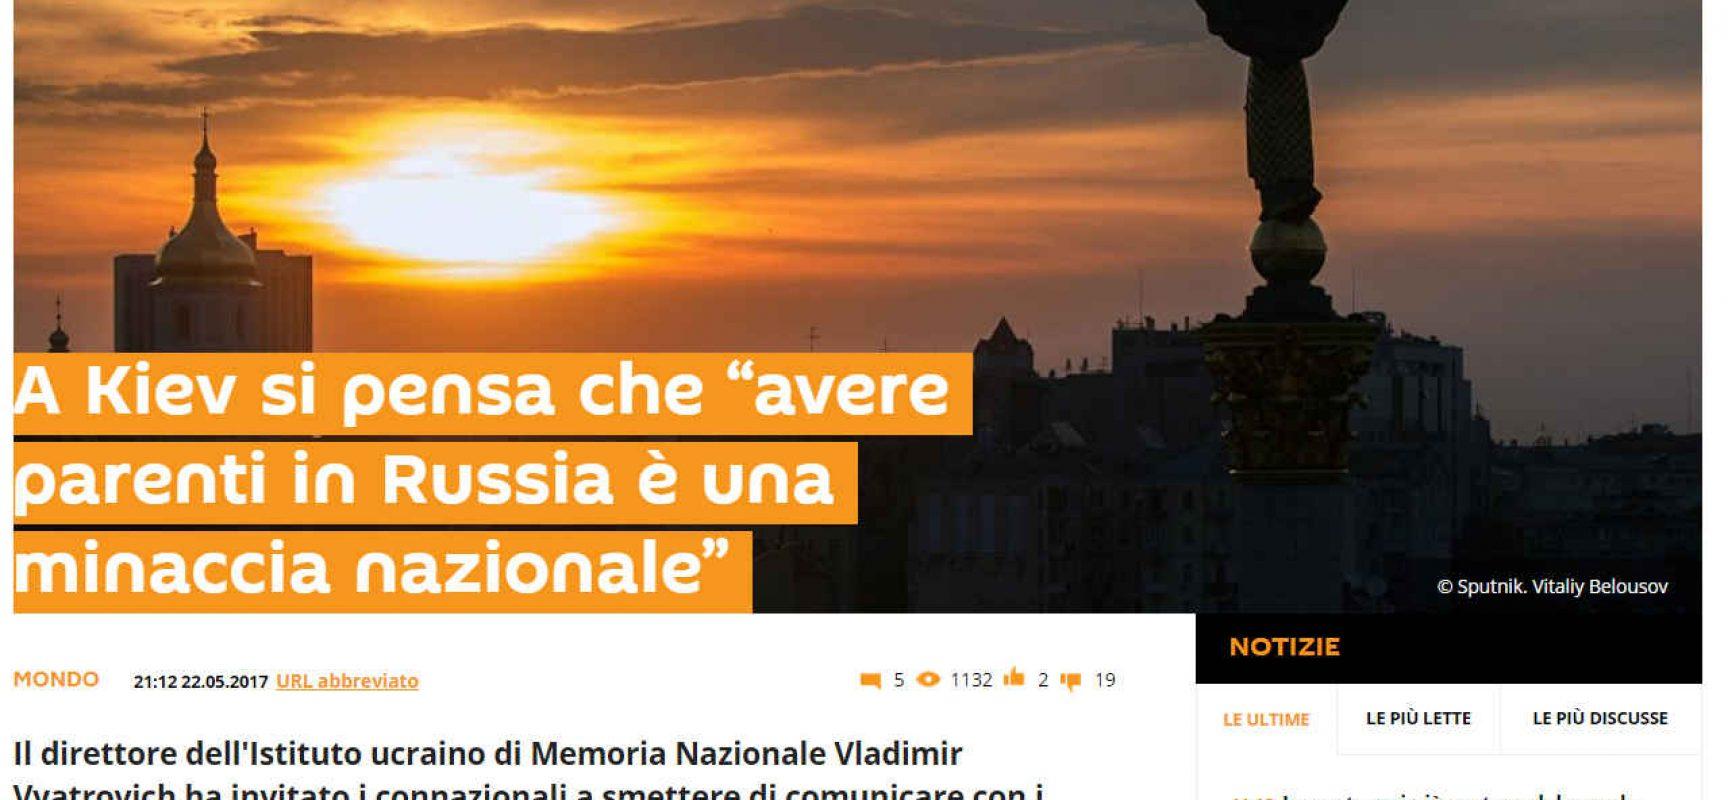 Fake: Lo storico Viatrovich invita a troncare tutti i rapporti con i parenti dalla Russia